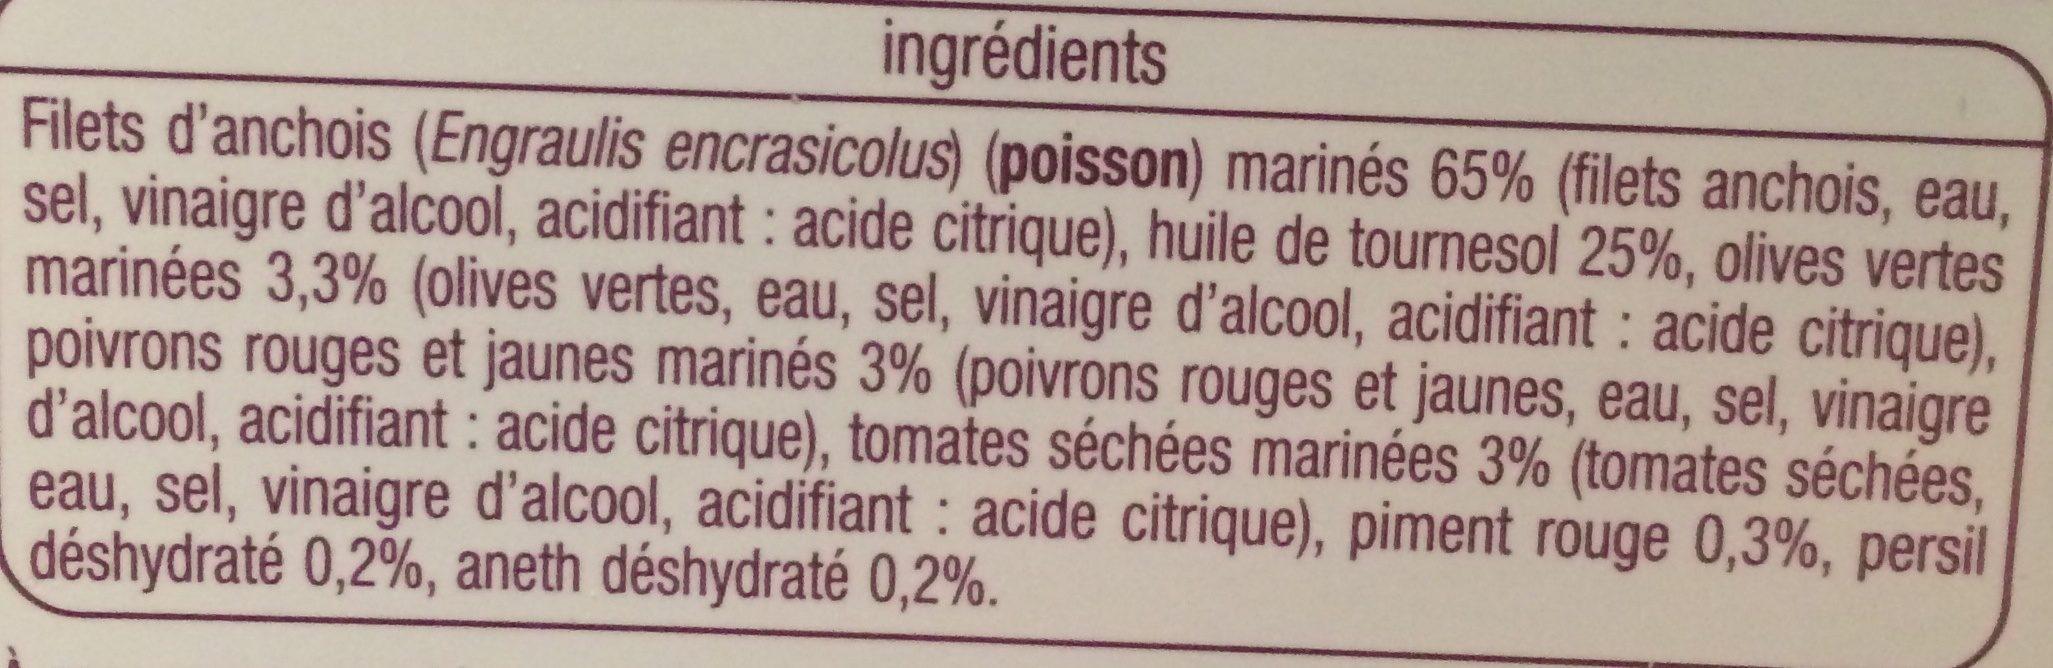 Filets d'anchois marinés à la catalane - Ingredients - fr